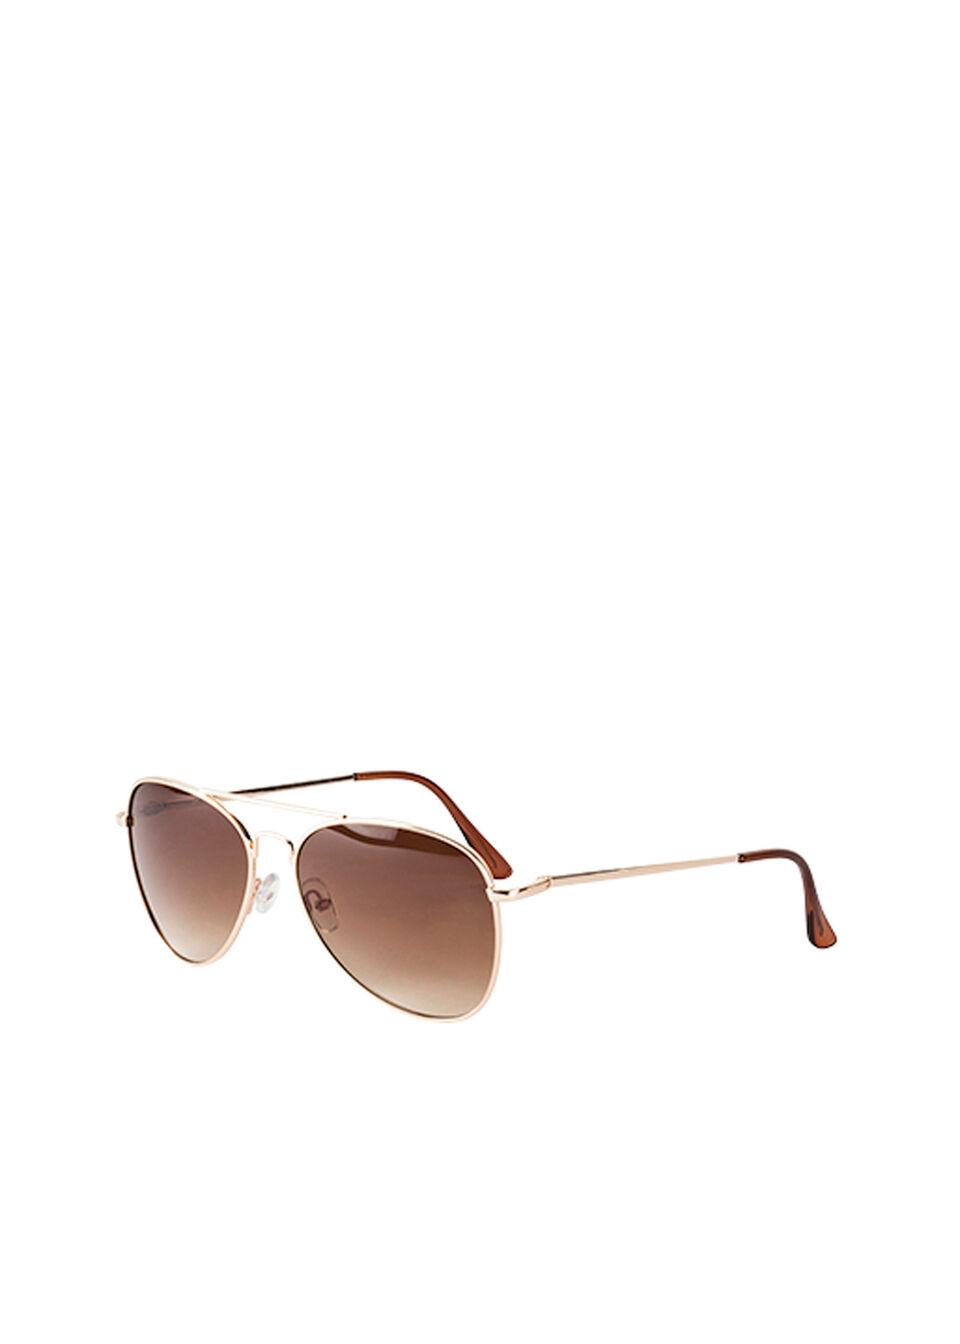 Okulary przeciwsłoneczne bonprix koniakowo-złoty kolor